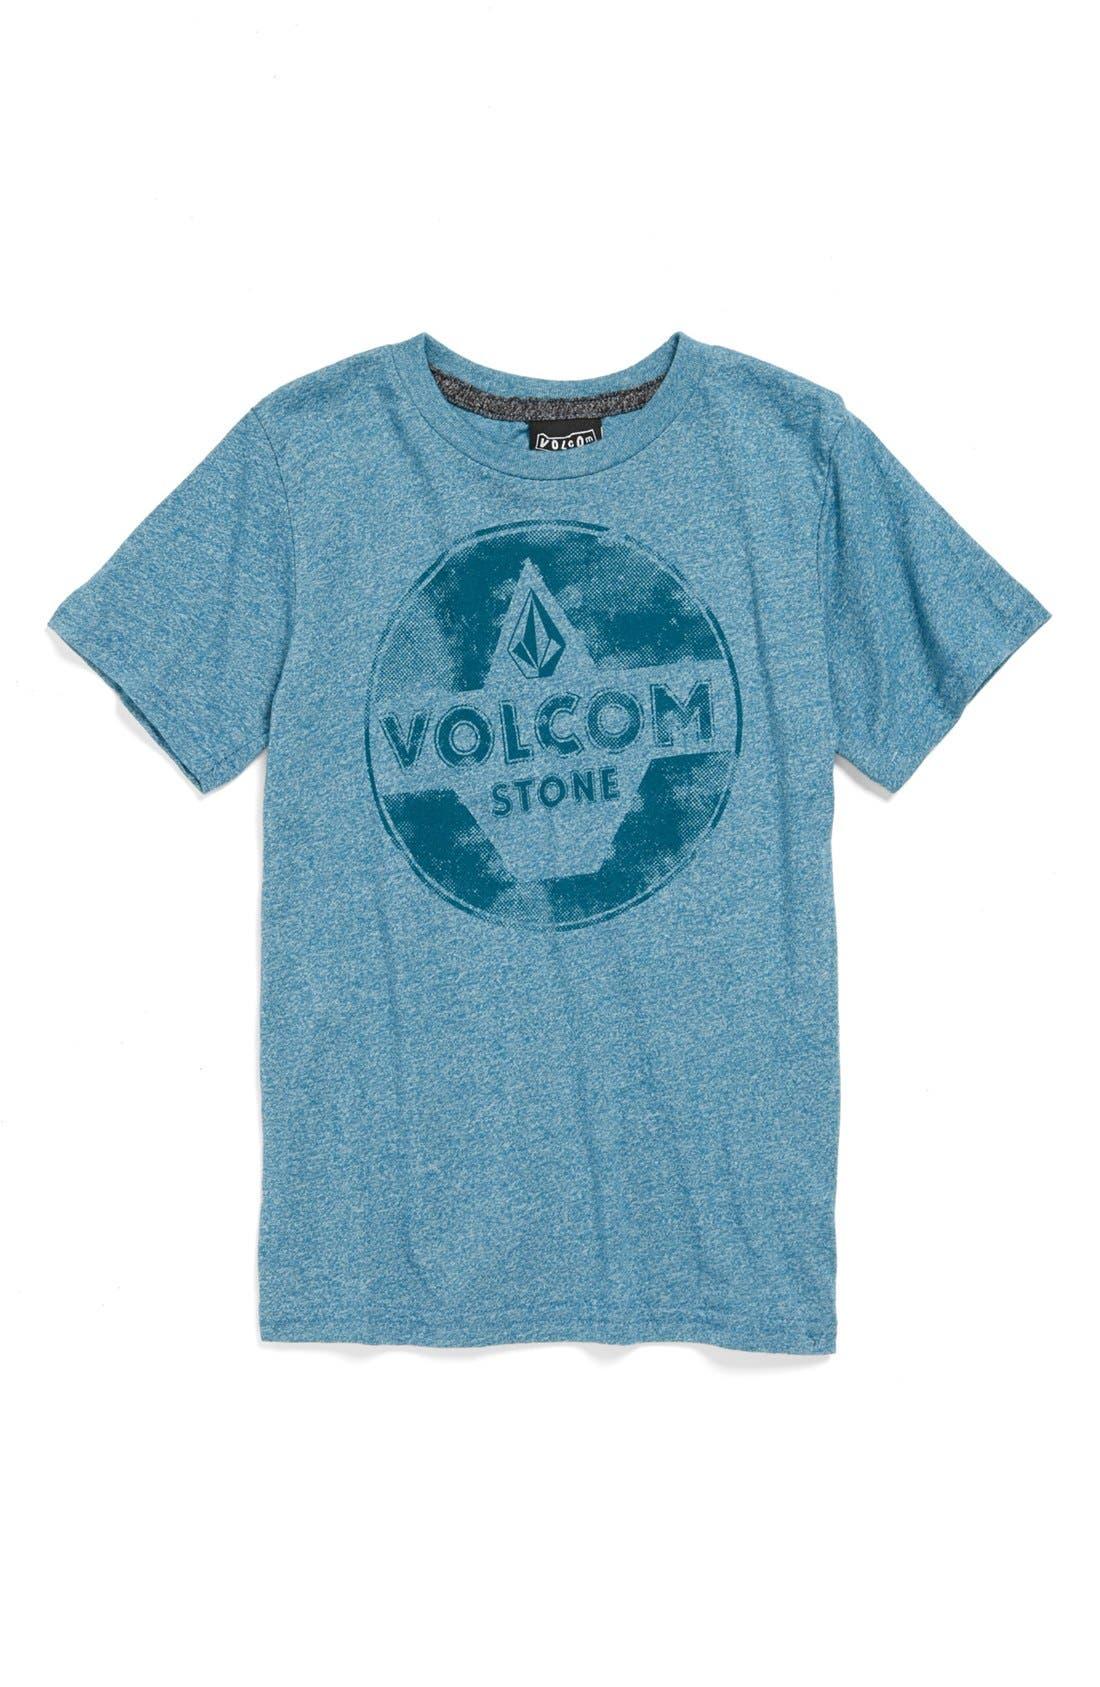 Alternate Image 1 Selected - Volcom 'Fractionalized' T-Shirt (Little Boys)